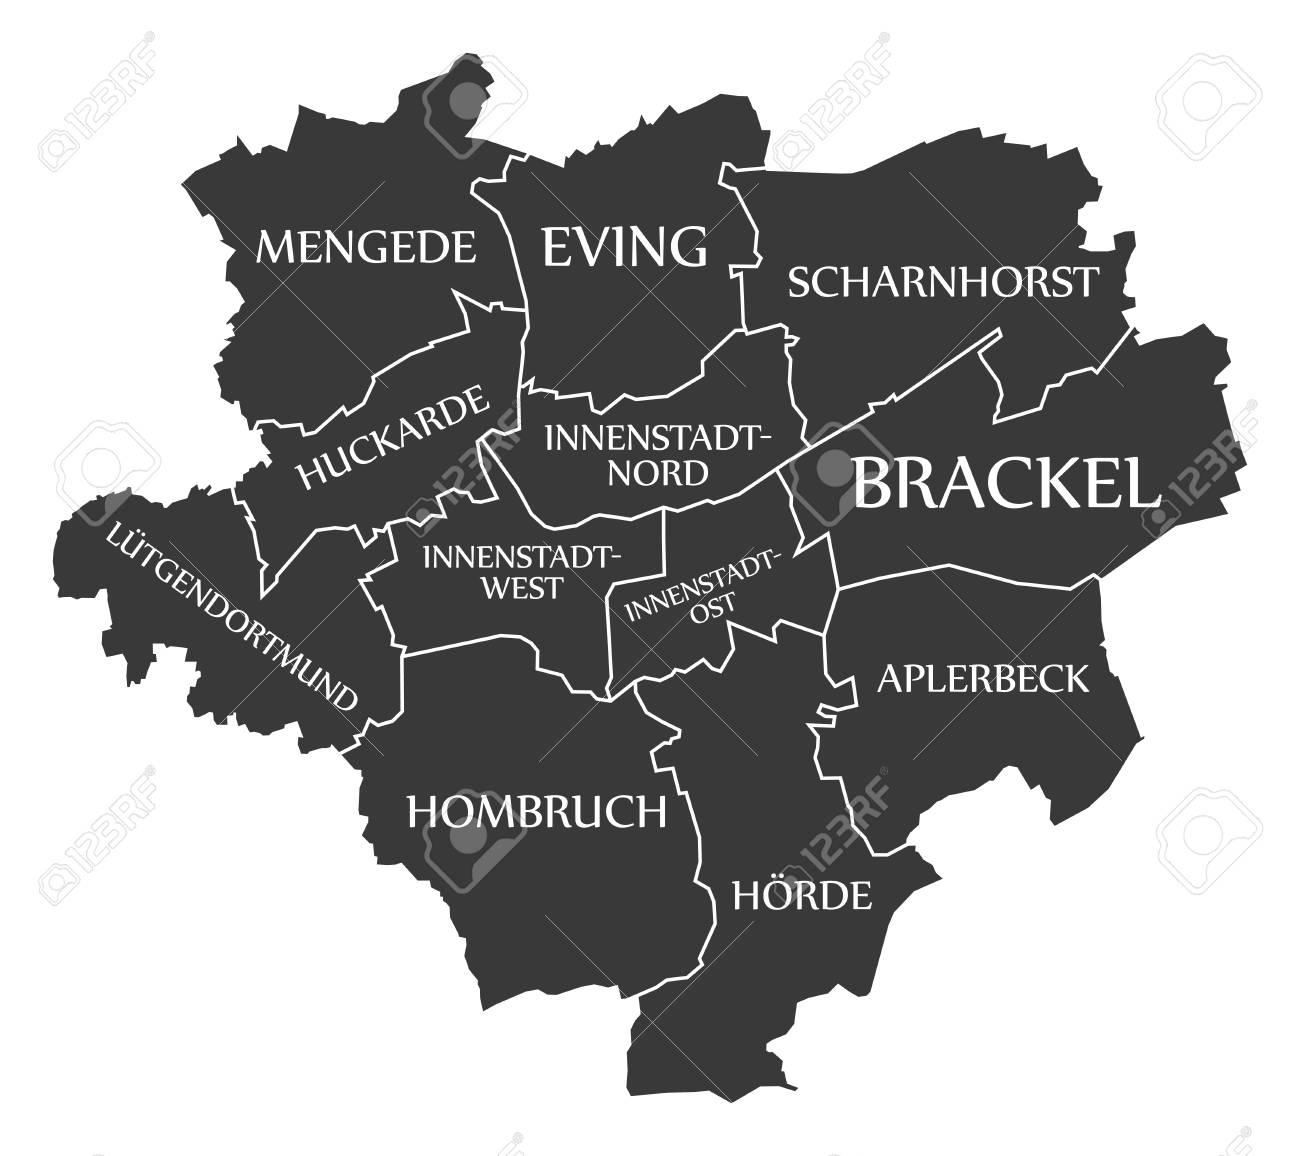 Dortmund Germania Cartina.Vettoriale Mappa Della Citta Di Dortmund Germania De Etichetta Illustrazione Nera Image 84950365